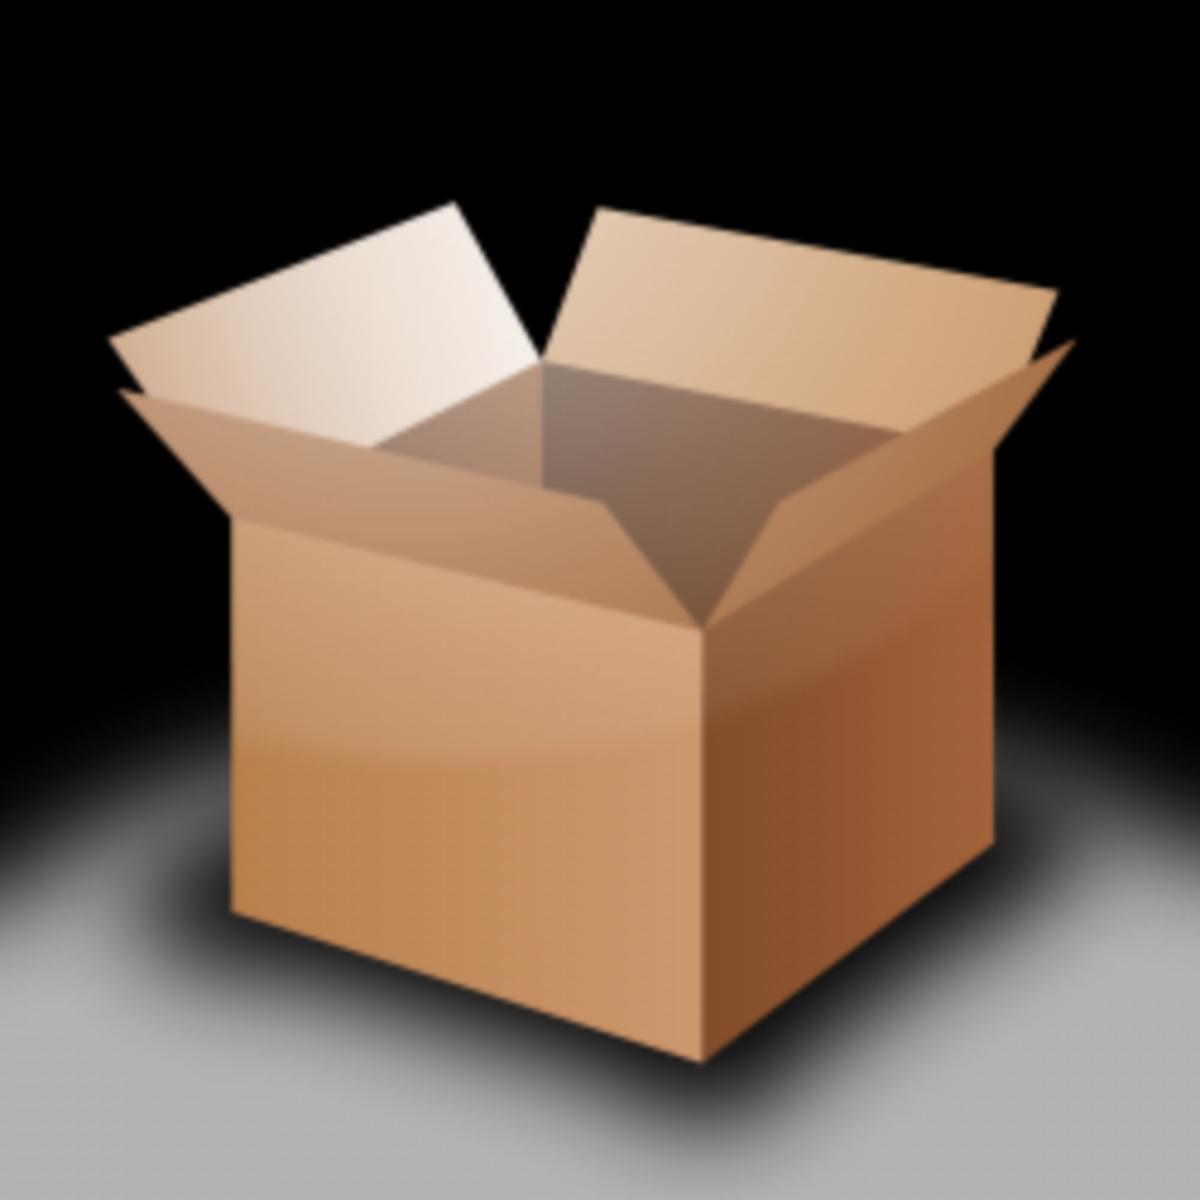 recycle-reuse-cardboard